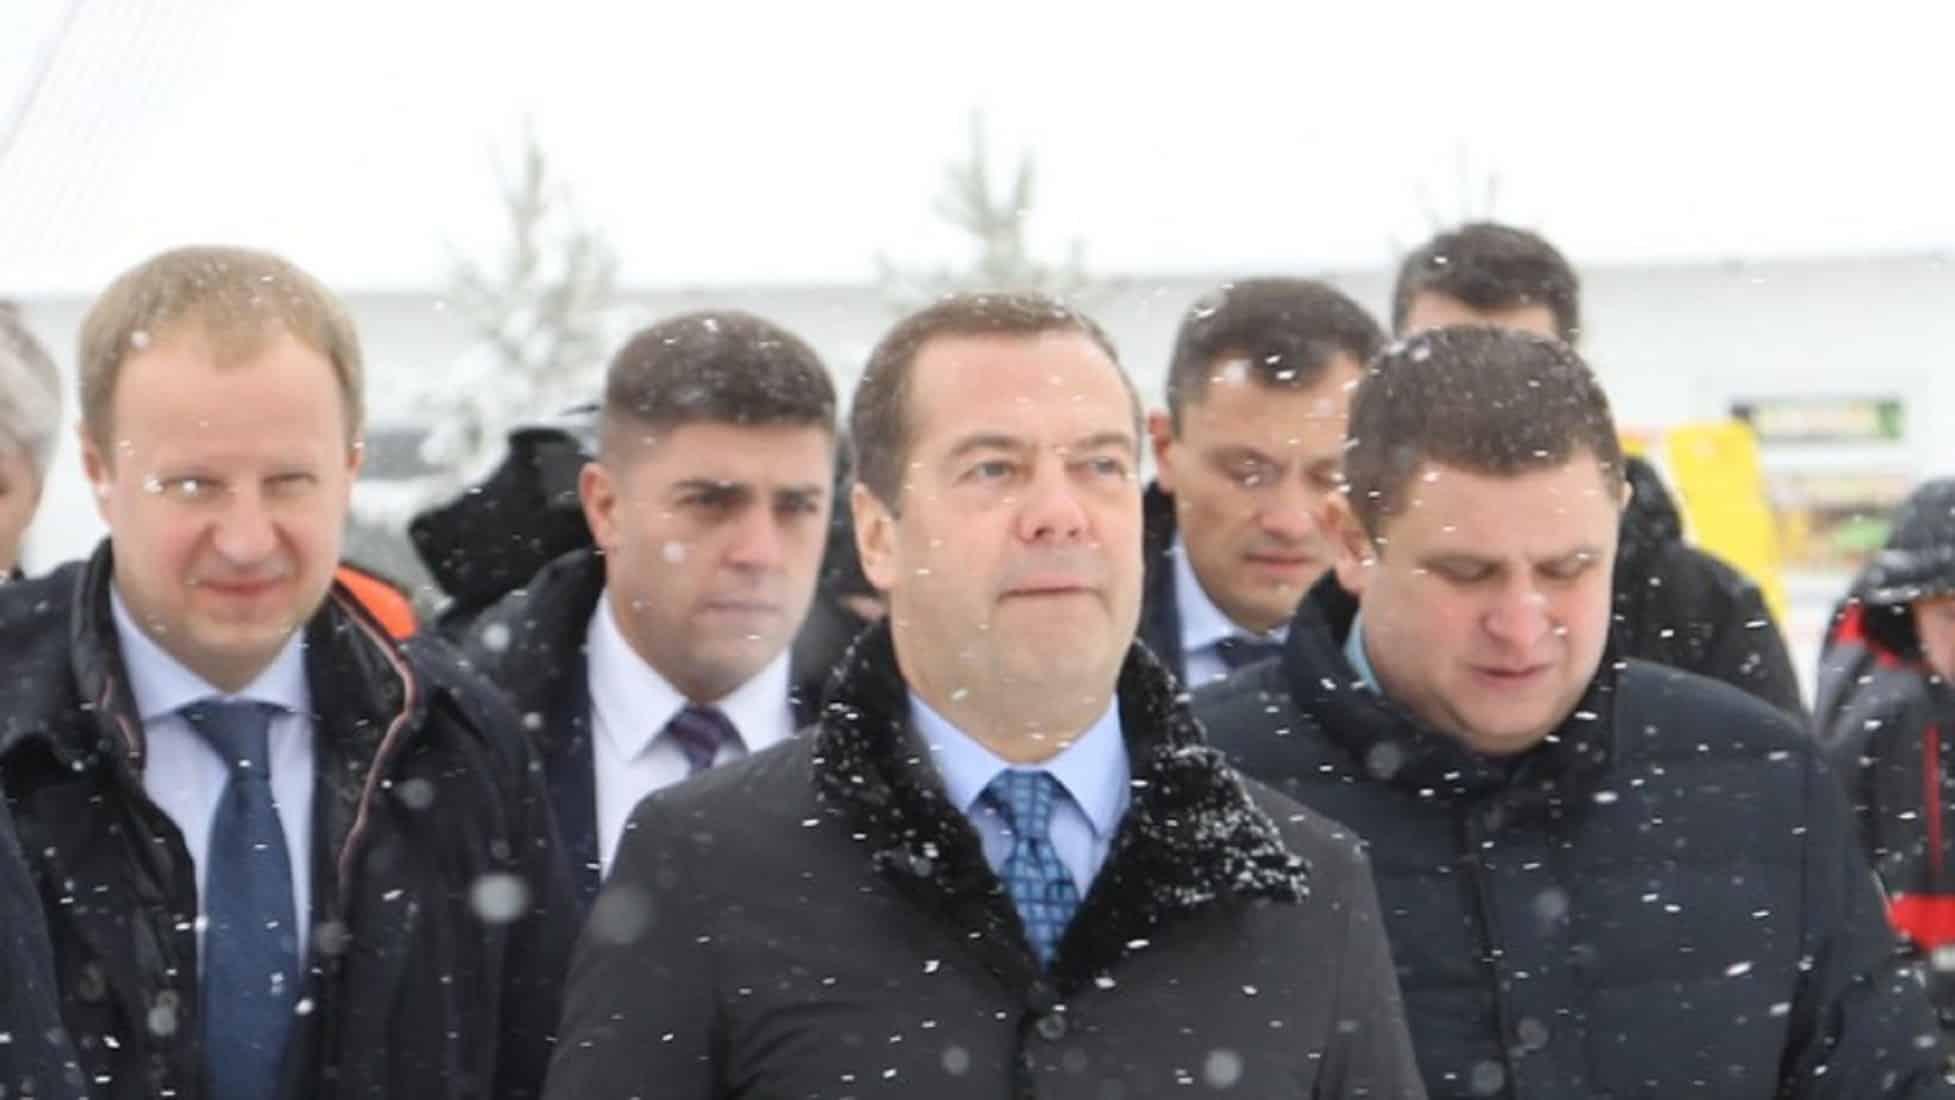 Почему пенсионерка упала на колени перед премьер-министром Медведевым